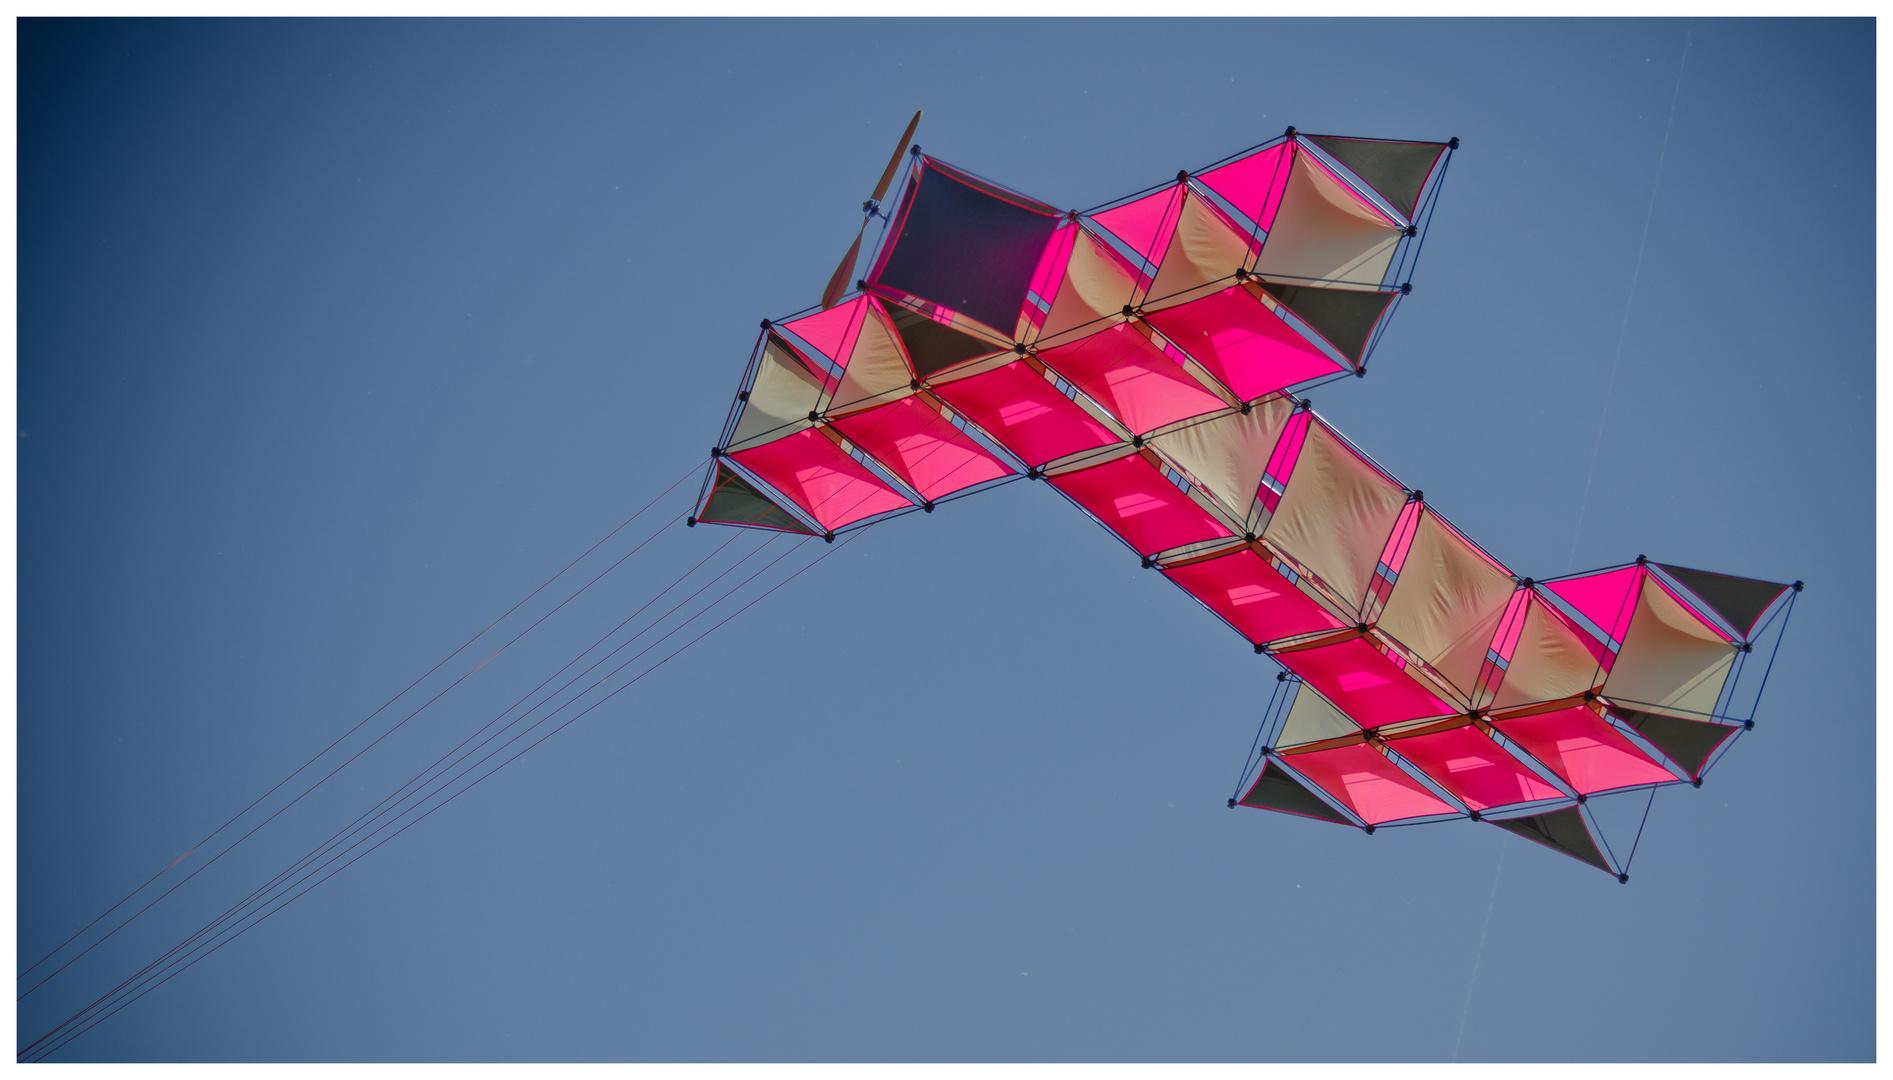 Drachen Flieger